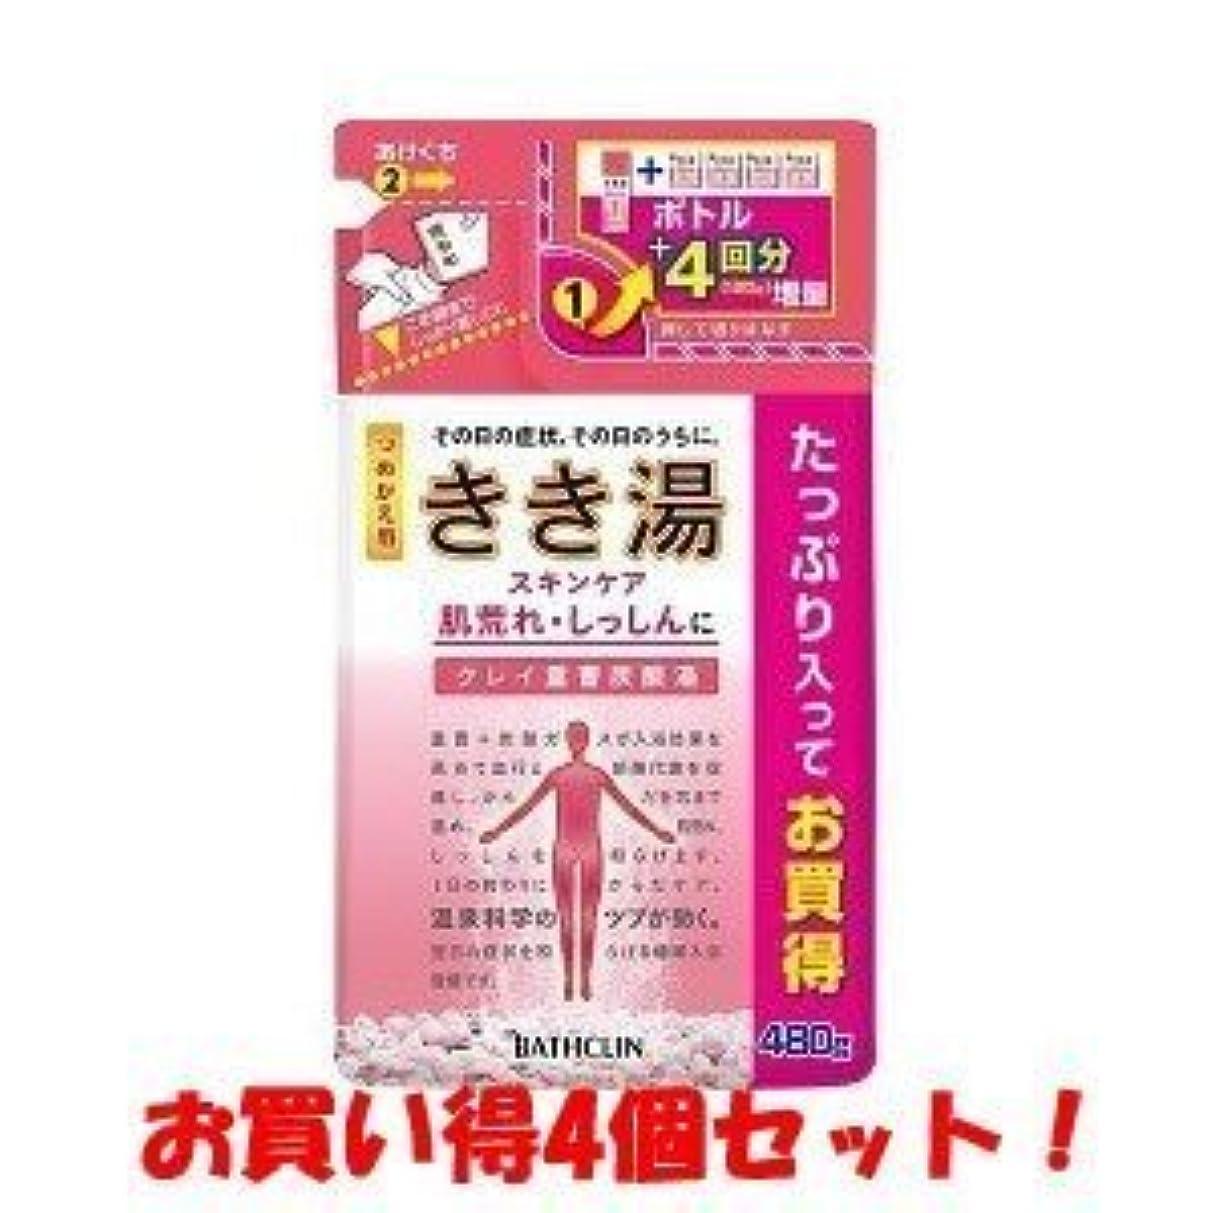 安心たくさんの輝度(バスクリン)きき湯 クレイ重曹炭酸湯 つめかえ用 480g(医薬部外品)(お買い得4個セット)